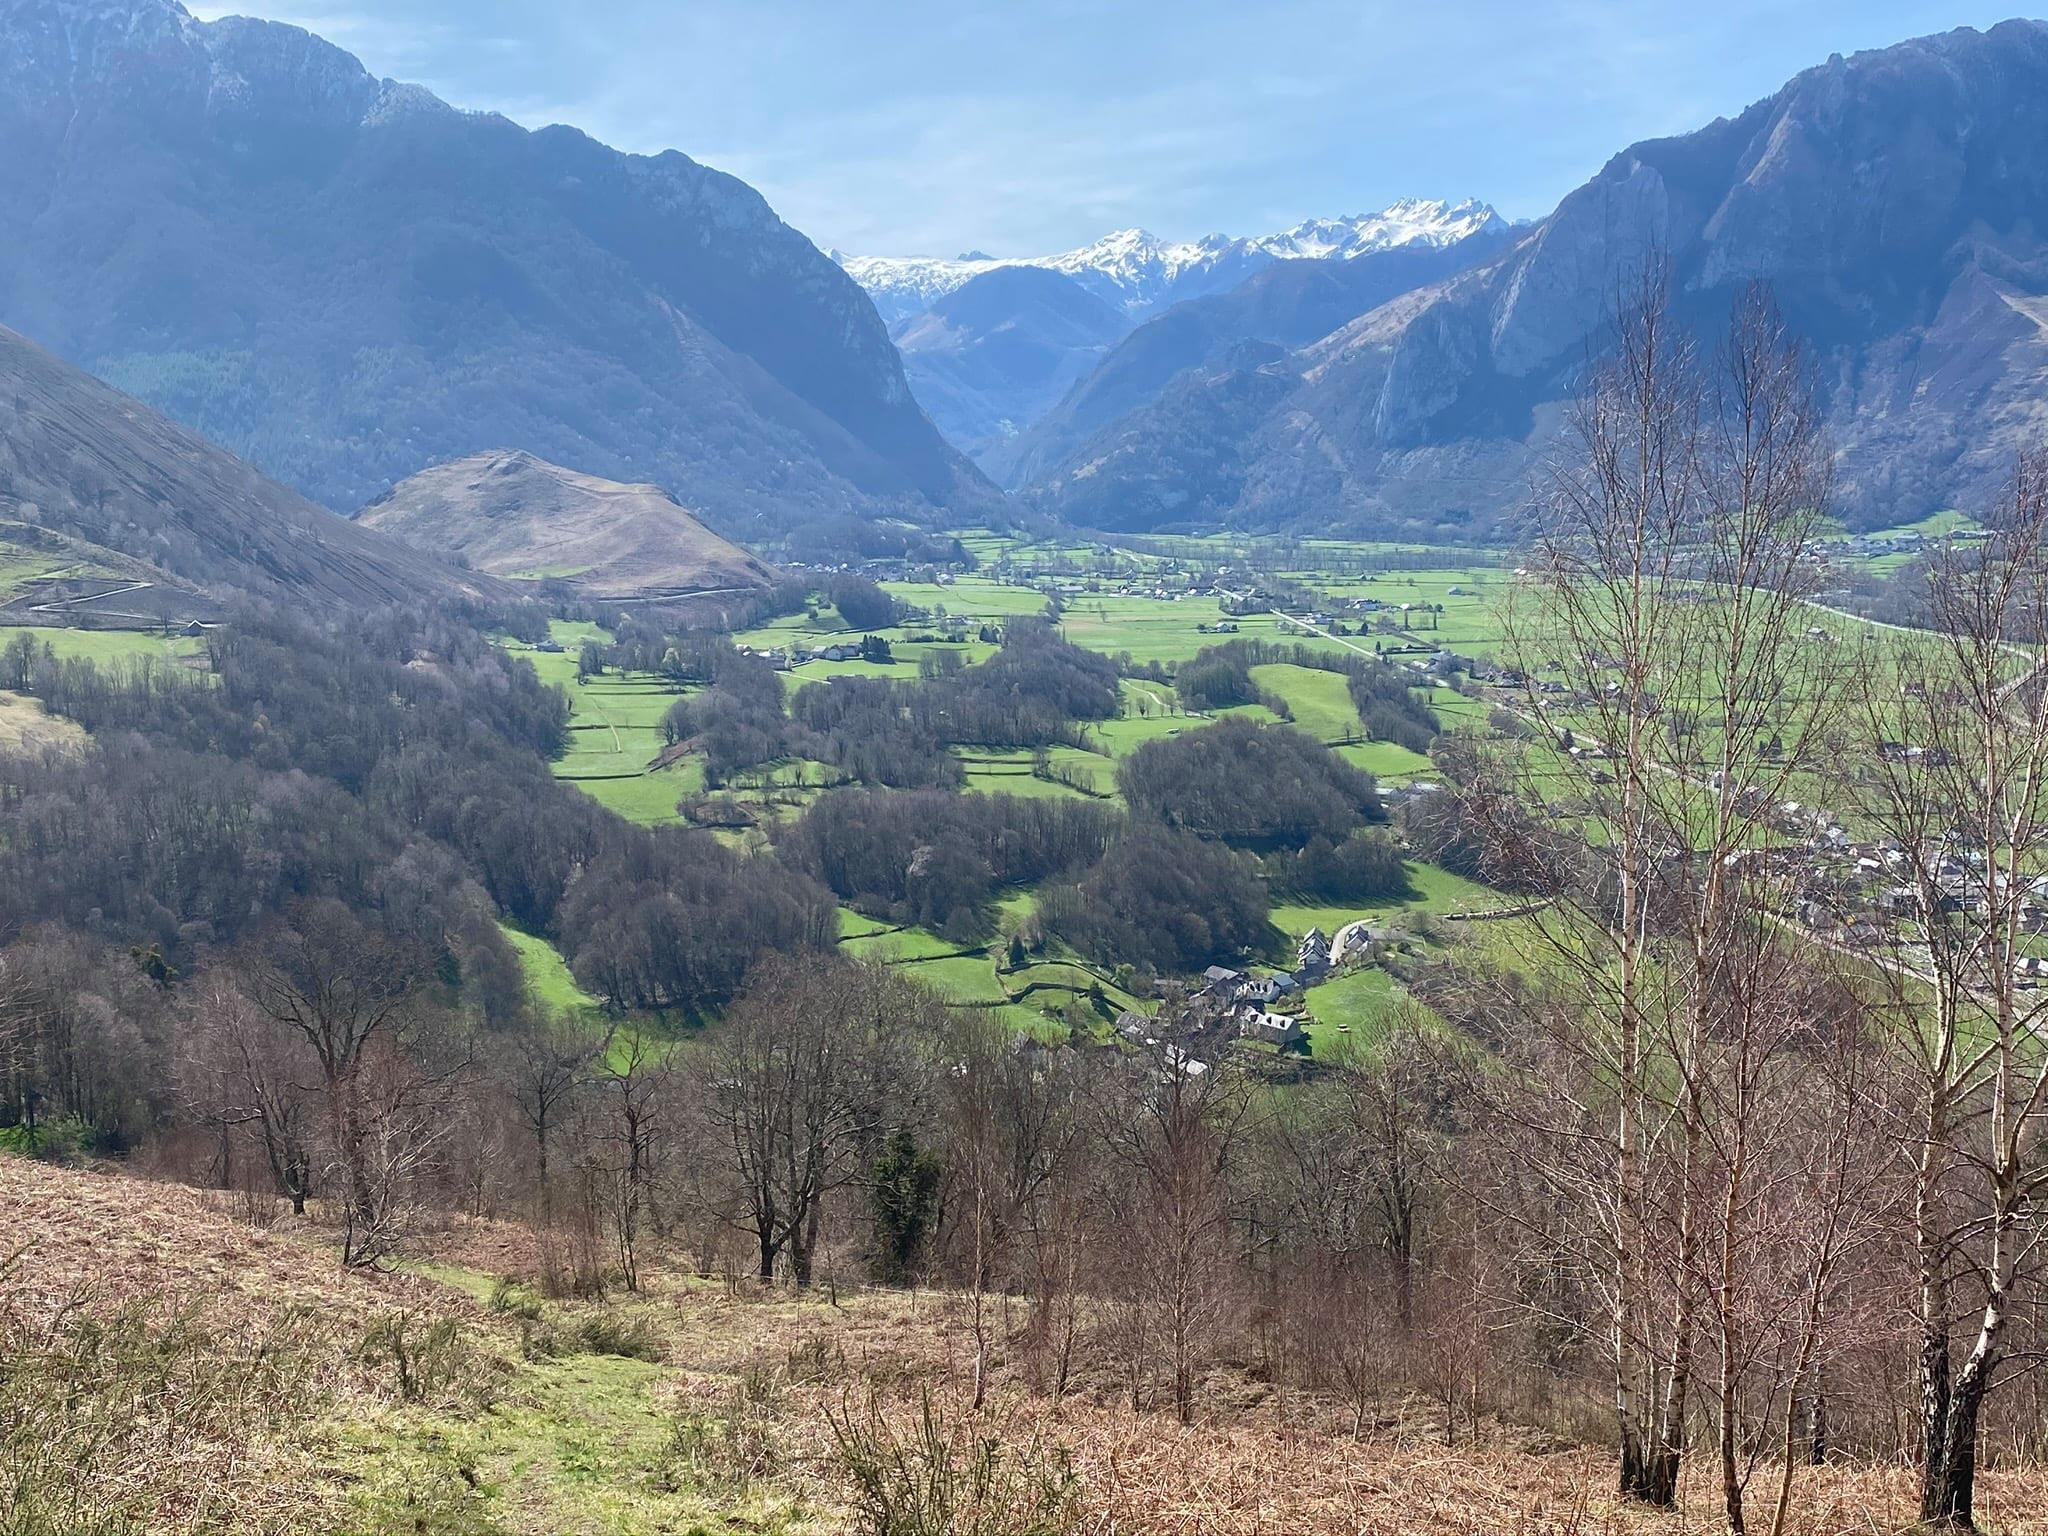 Très belle vue sur la vallée depuis la table d'orientation de Bedous